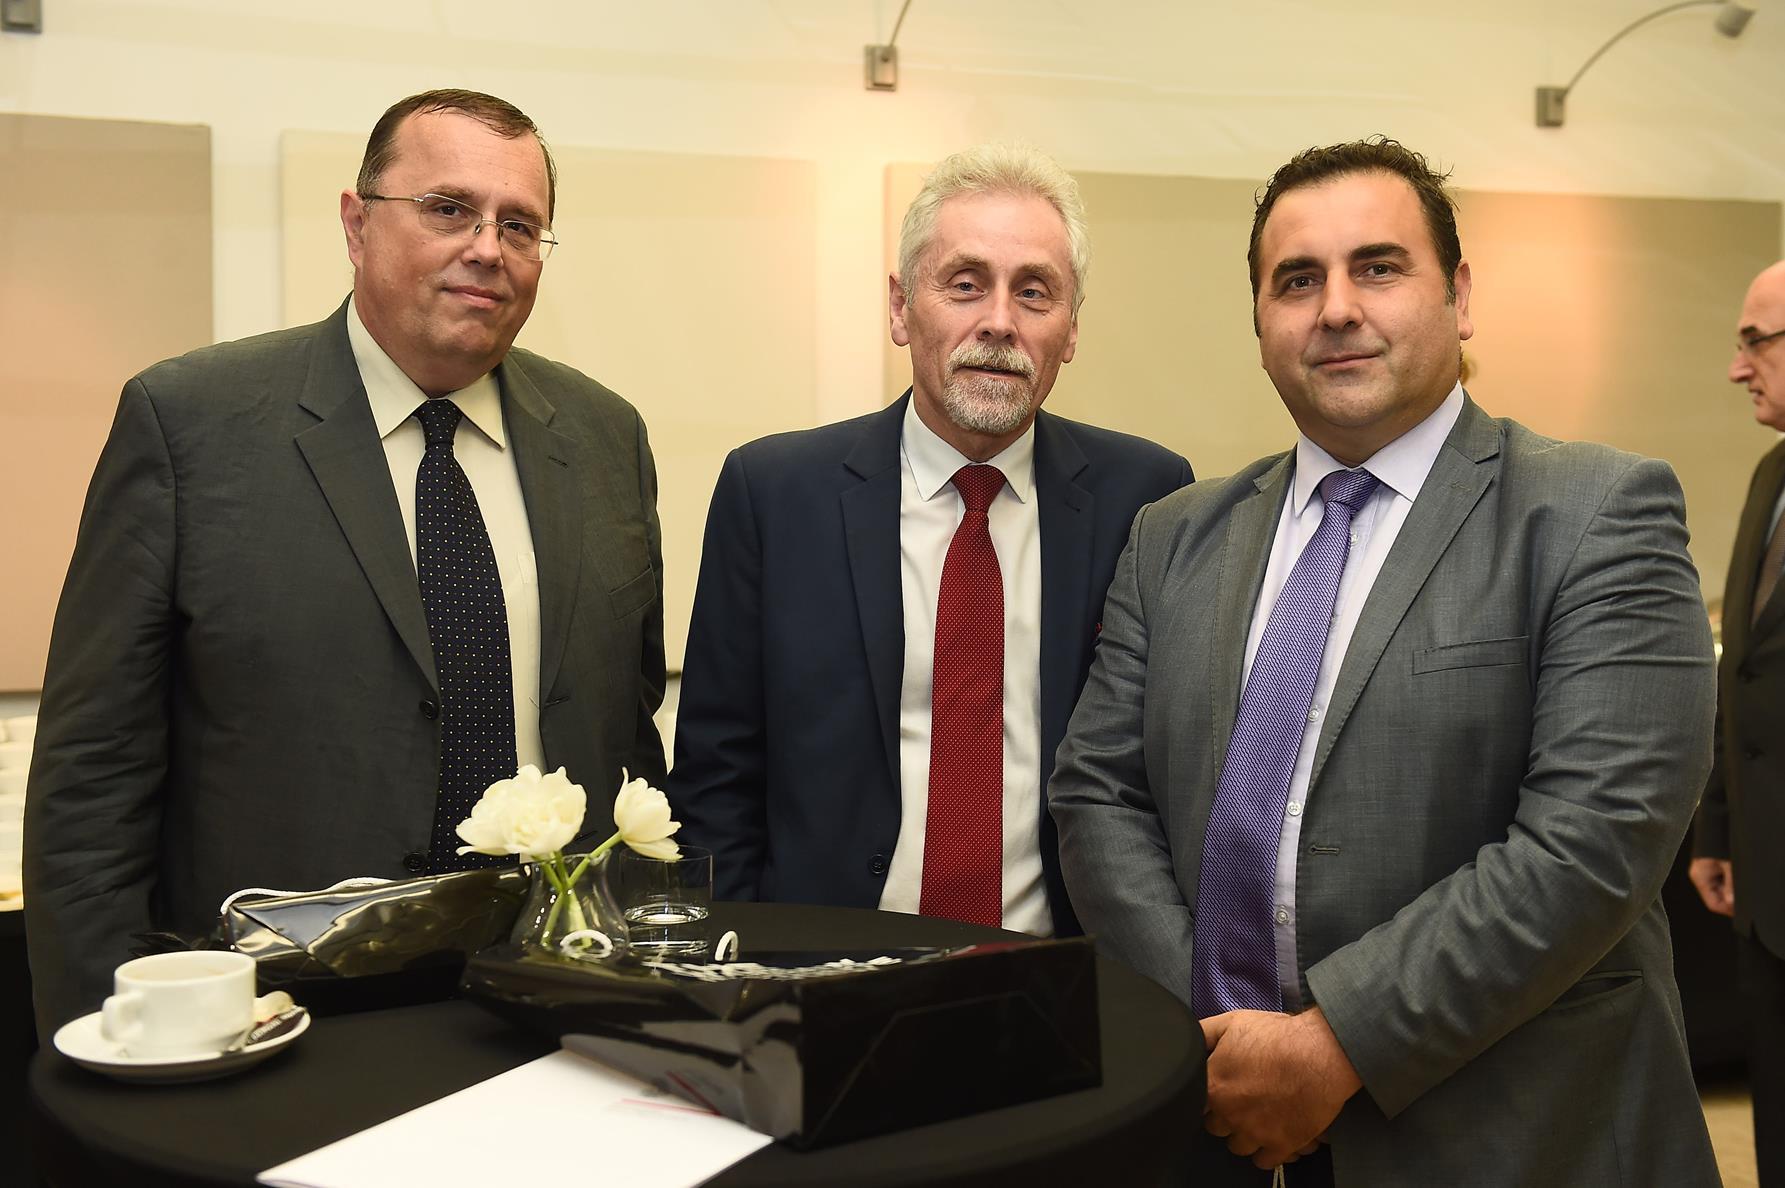 western balkans infrastructure energy geopolitics warsaw institute k9 2